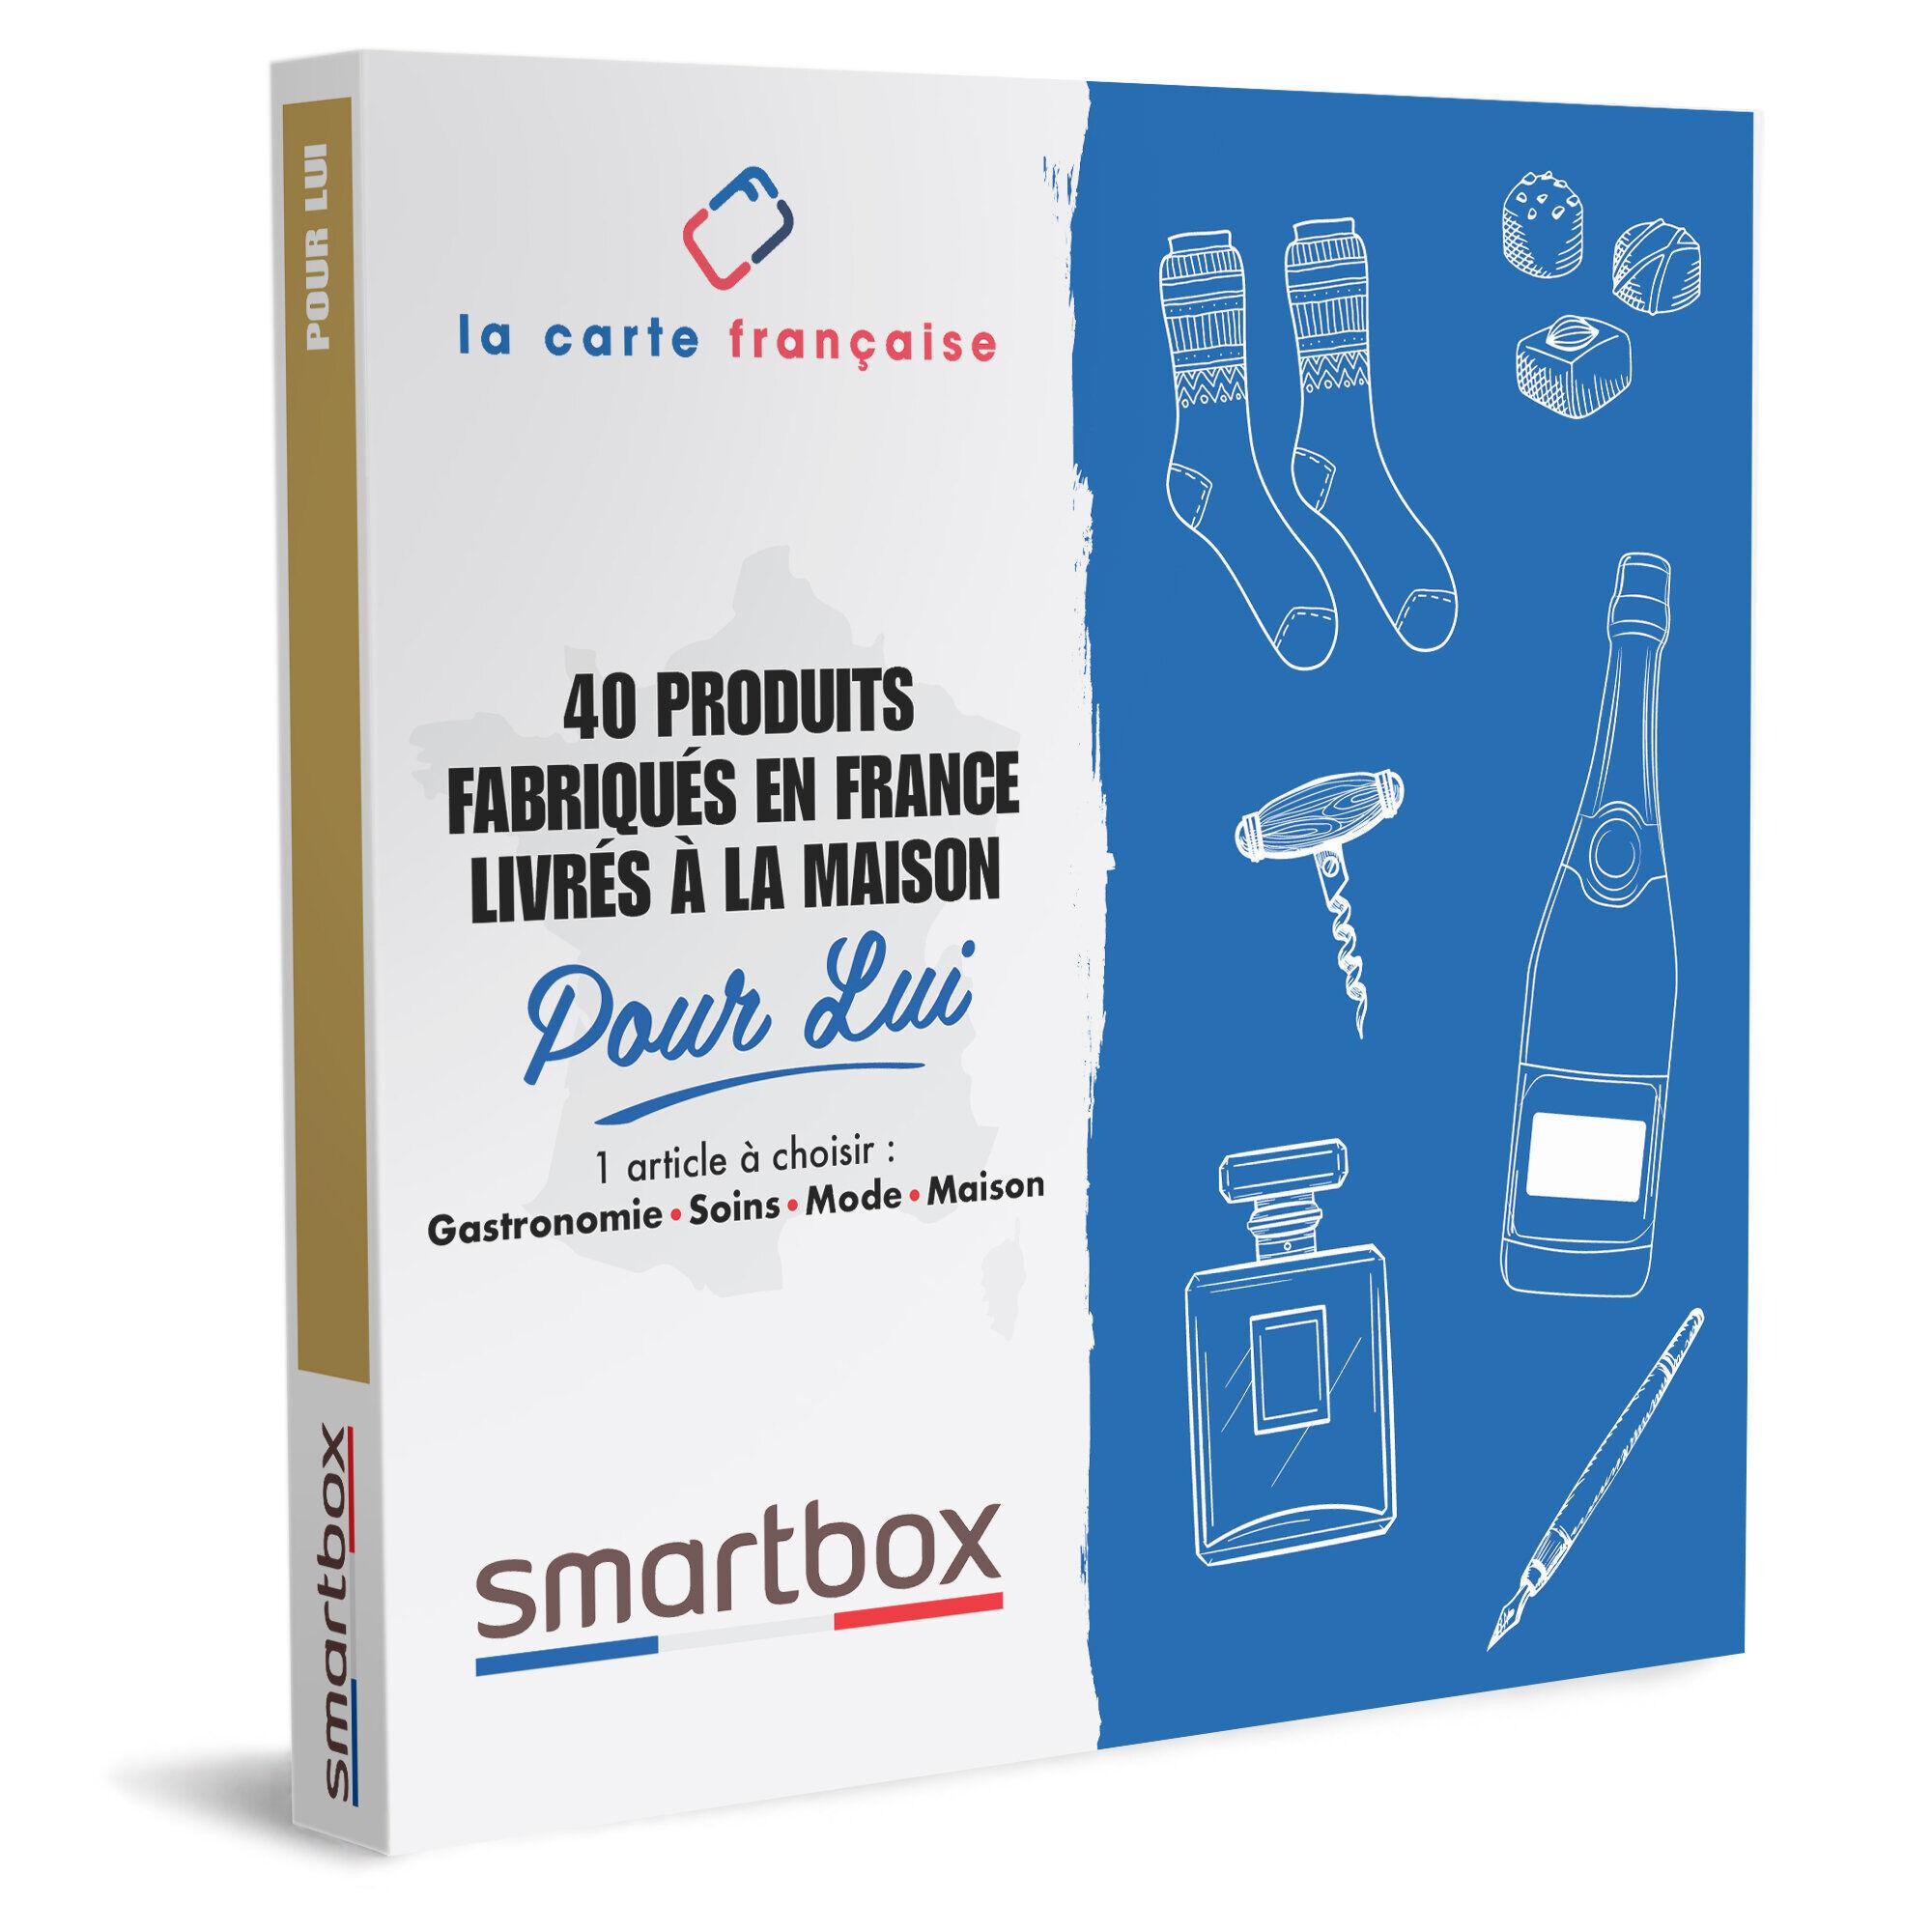 Smartbox 40 produits fabriqués en France Pour Lui Coffret cadeau Smartbox